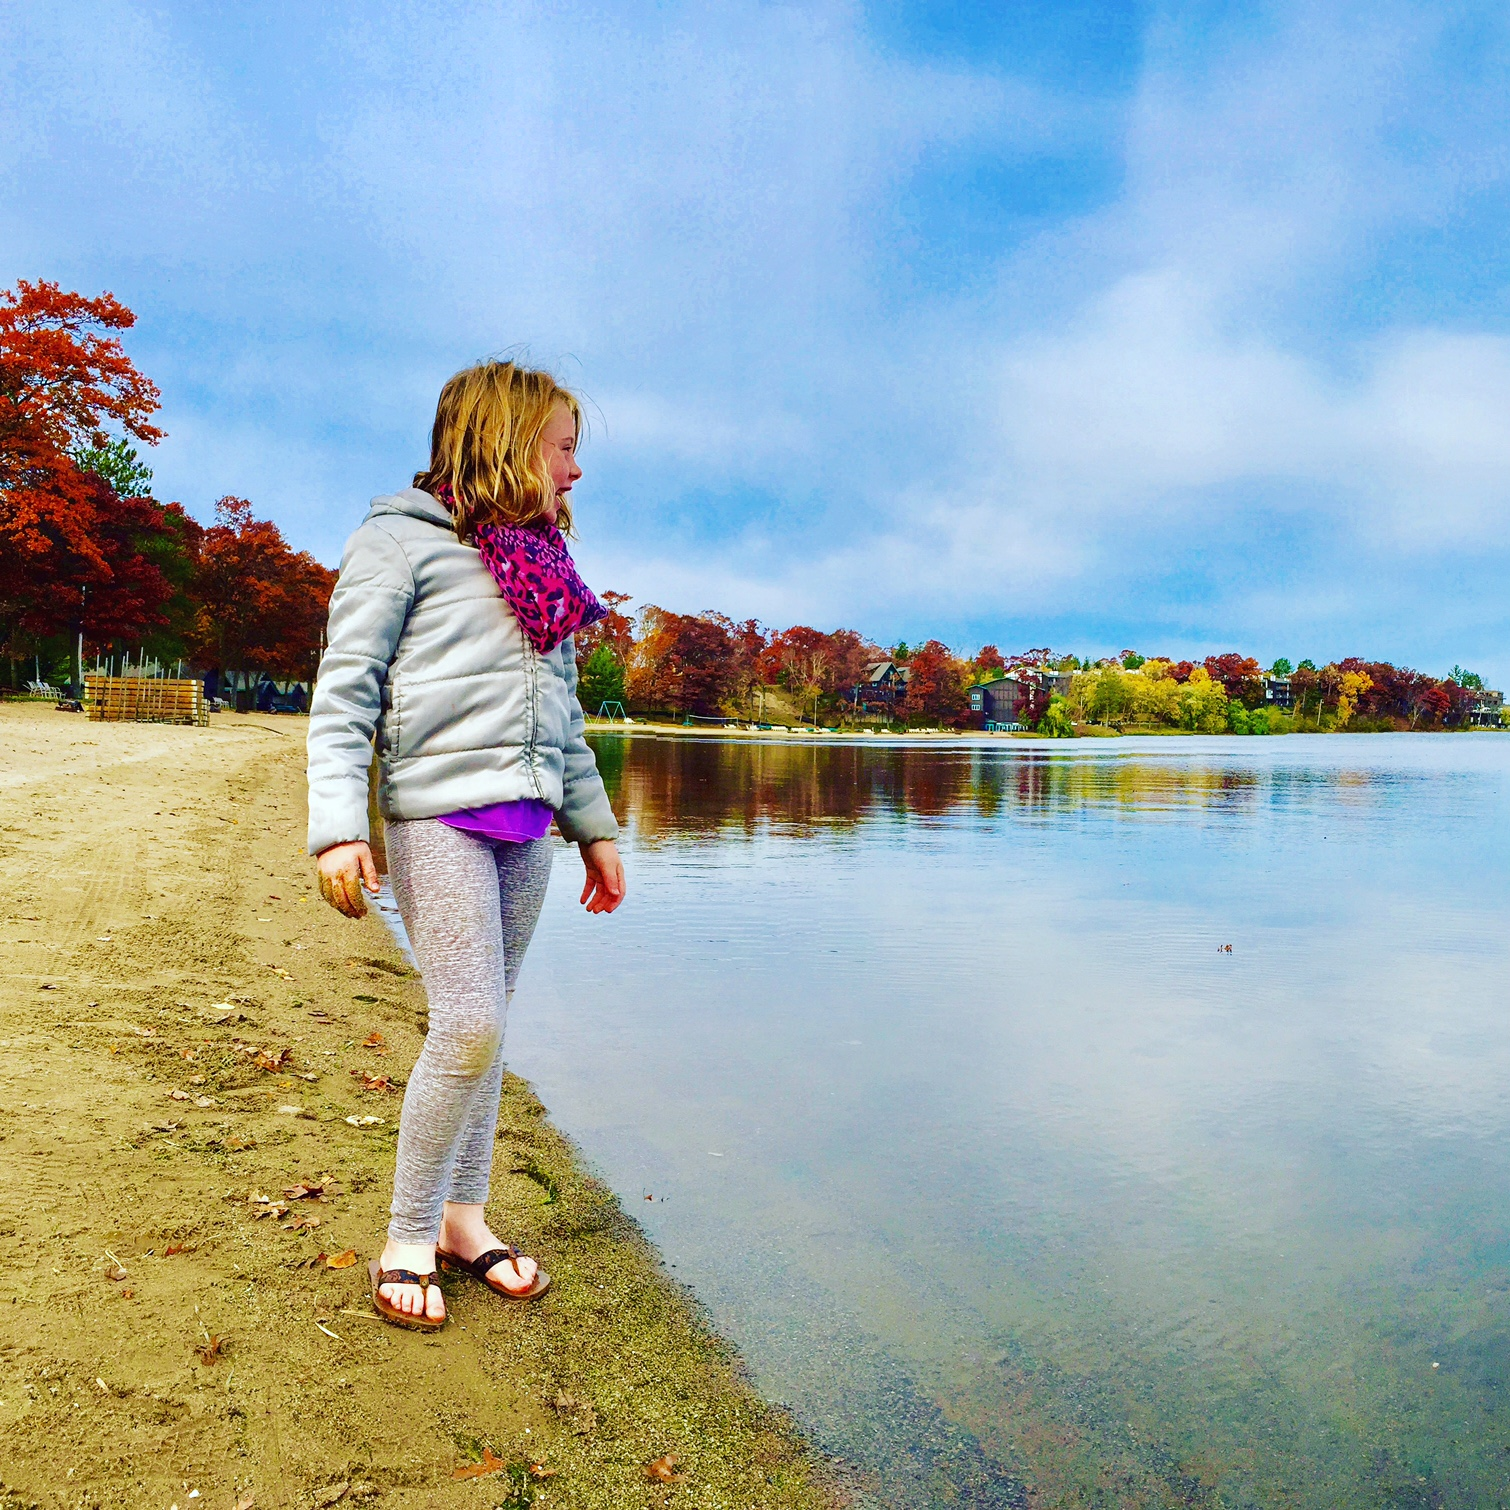 Cragun's Resort beach on Gull Lake in Brainerd, Minnesota